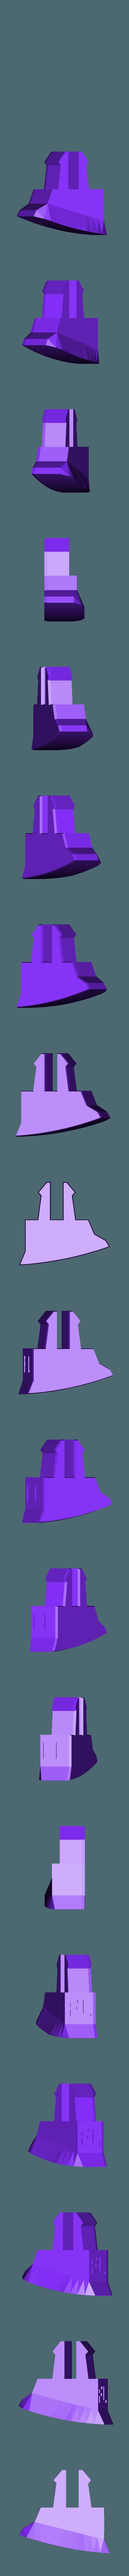 RR_fl.stl Télécharger fichier STL La course à pied Rhino • Modèle à imprimer en 3D, Amao